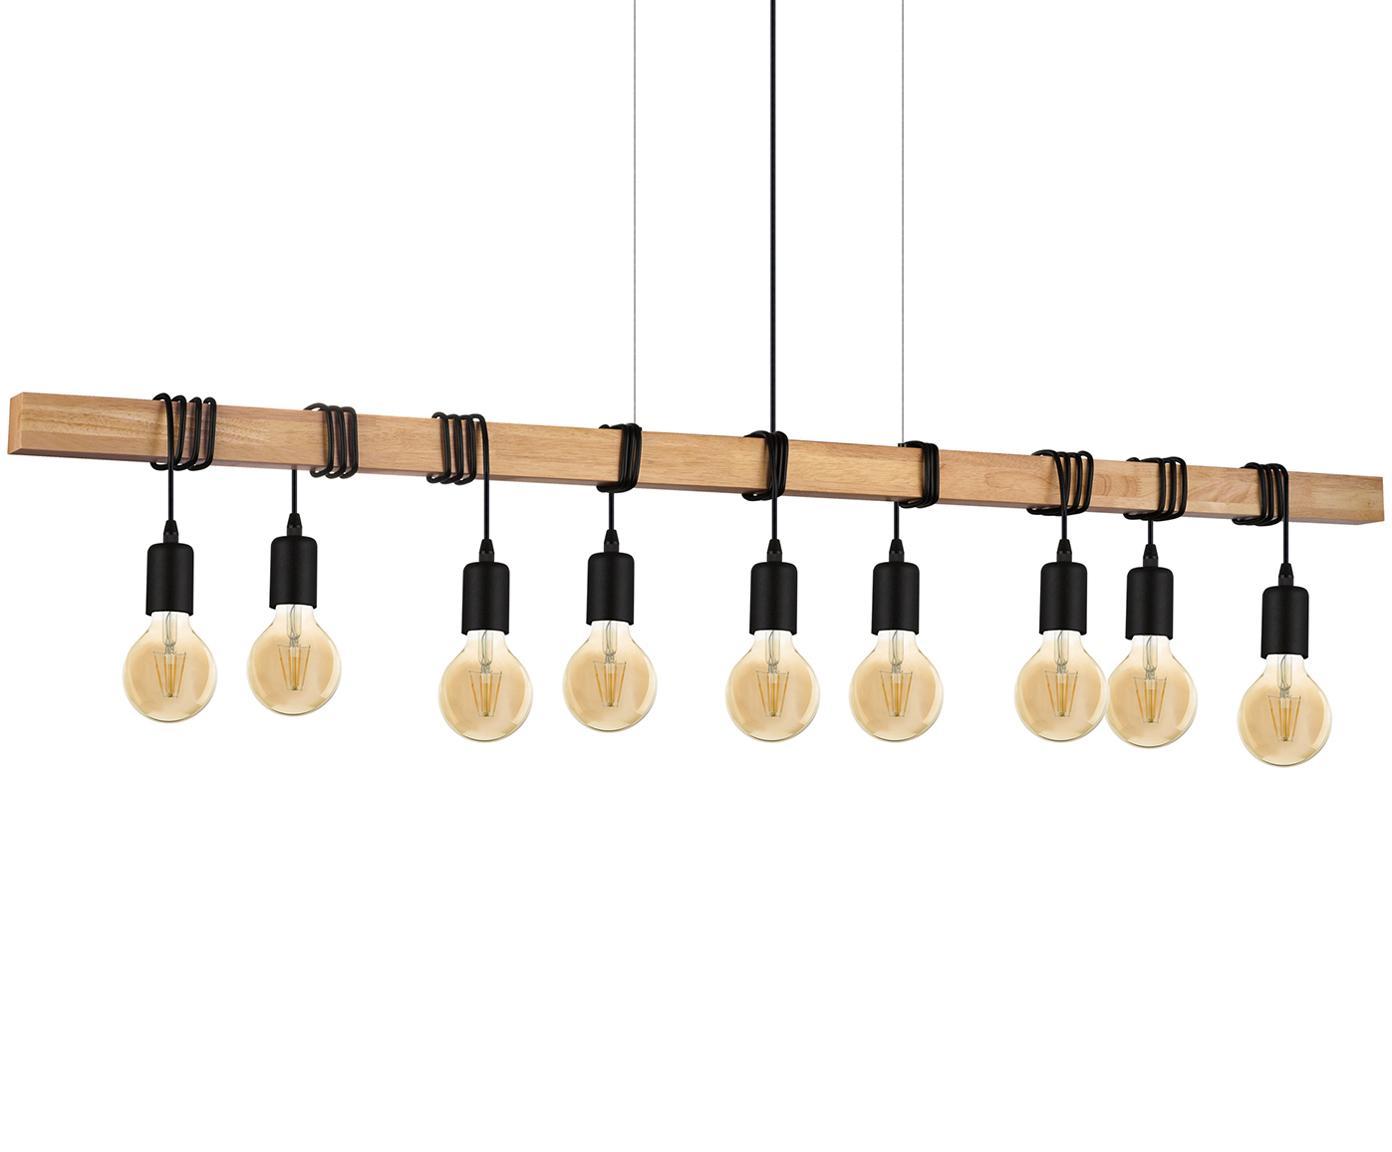 Lampada a sospensione Townshend, Acciaio rivestito, legno, Nero, legno, Larg. 150 x Alt. 110 cm